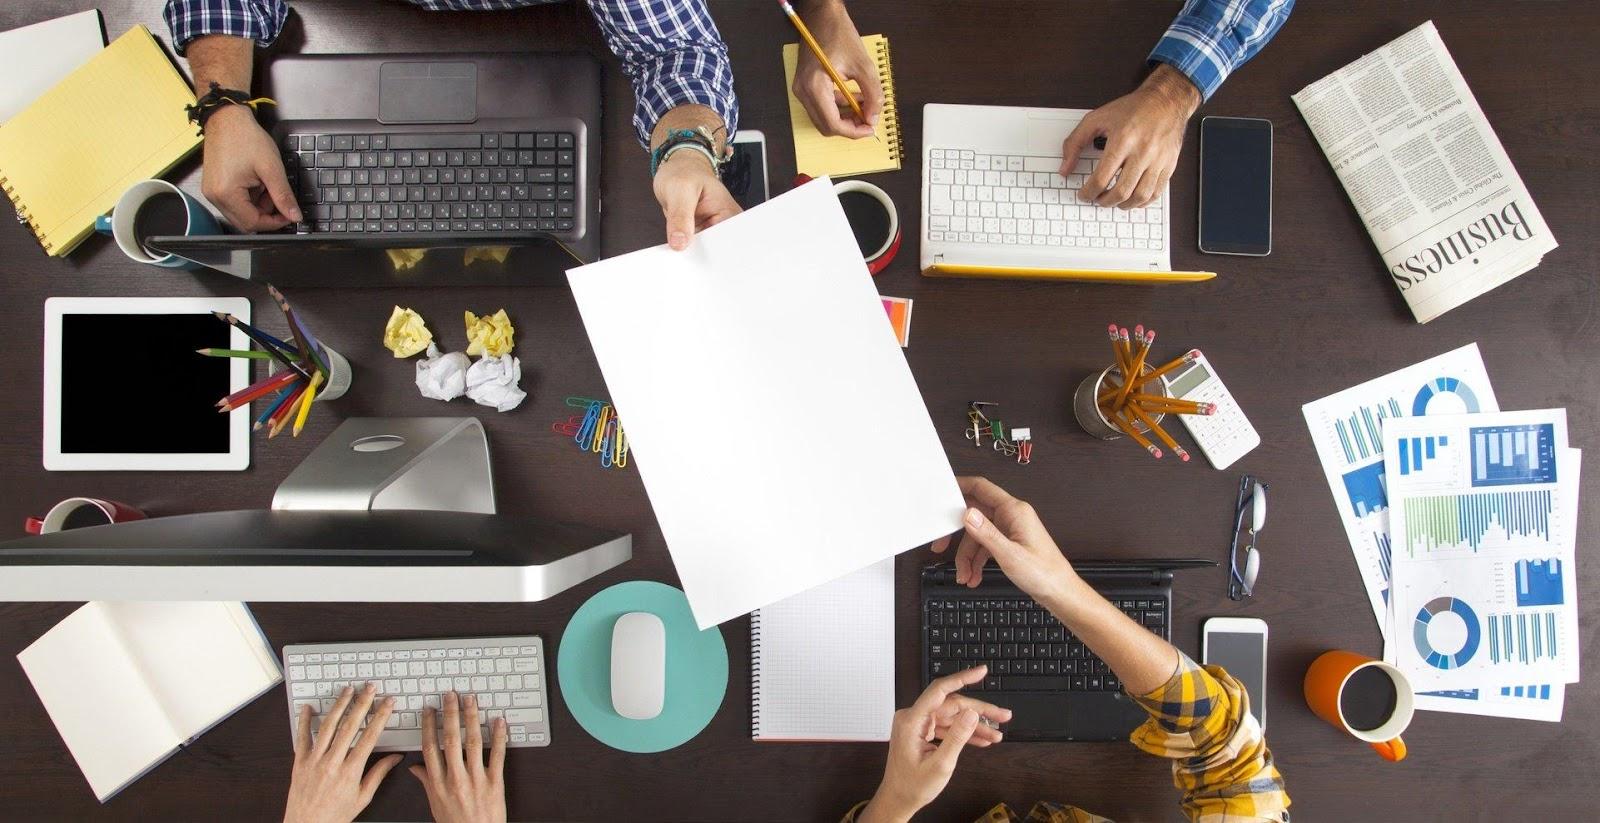 Thực hiện agency marketing là cần thiết đối với mỗi doanh nghiệp